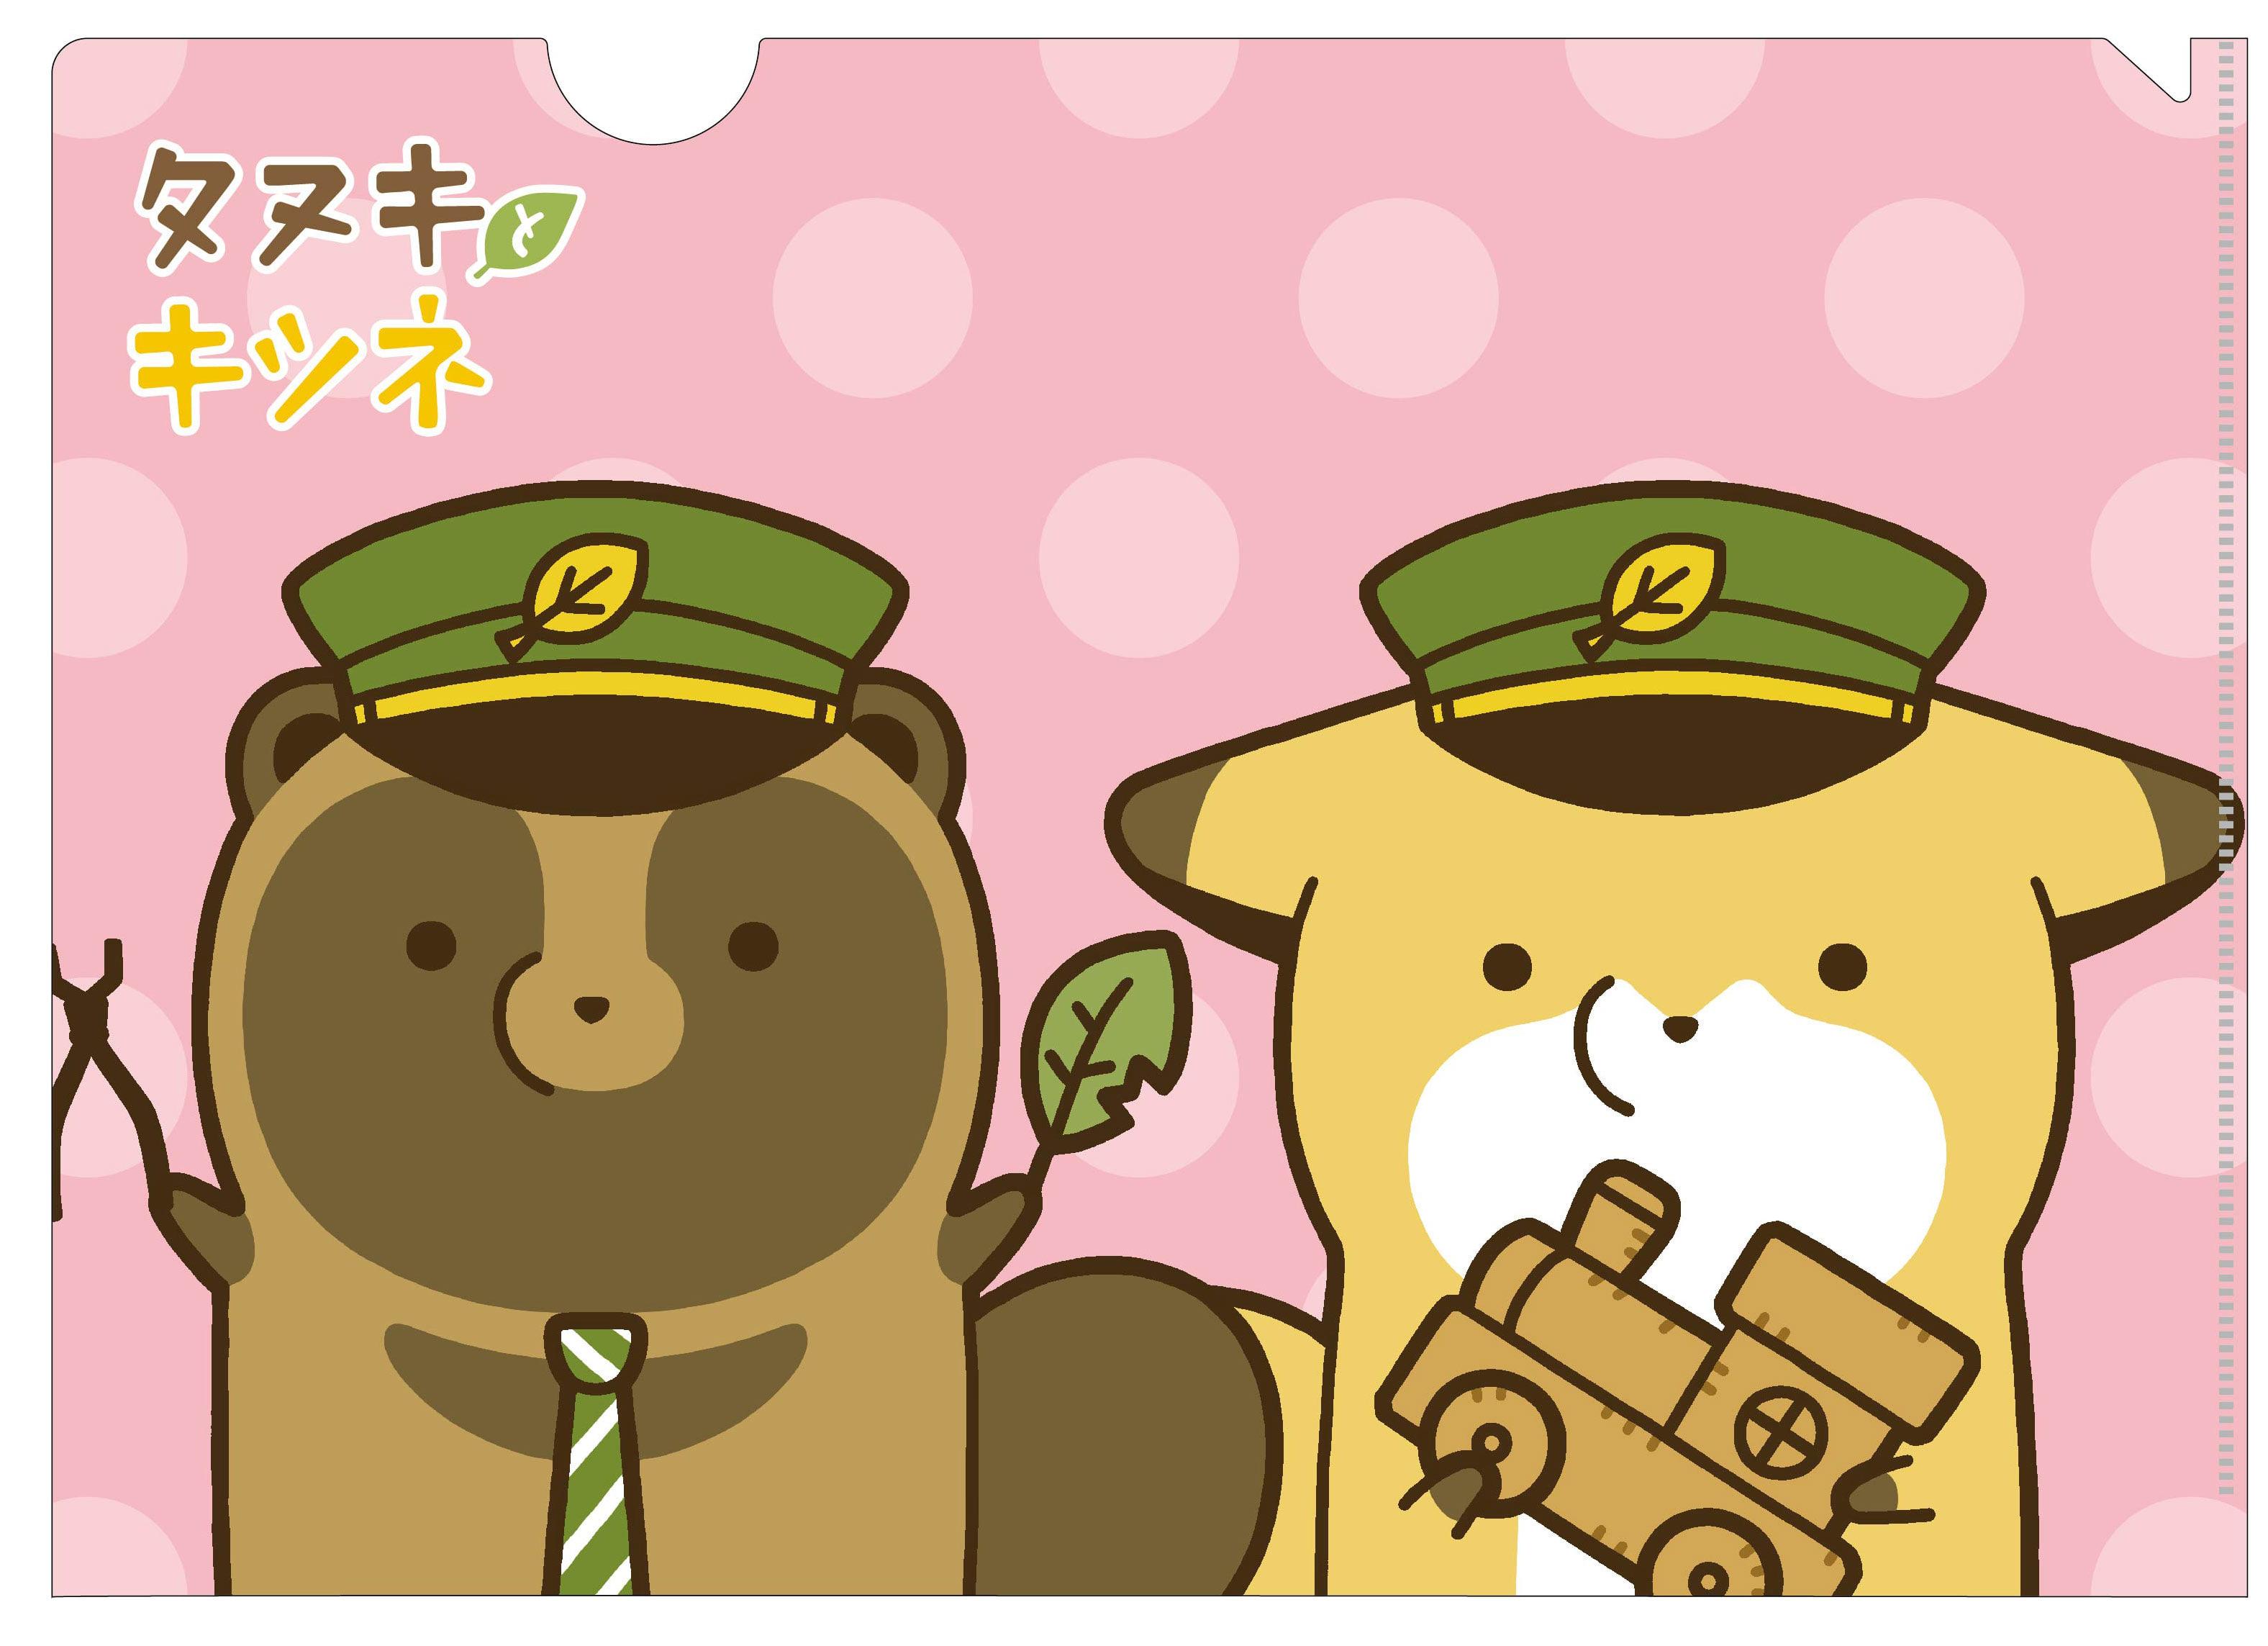 タヌキとキツネ-6